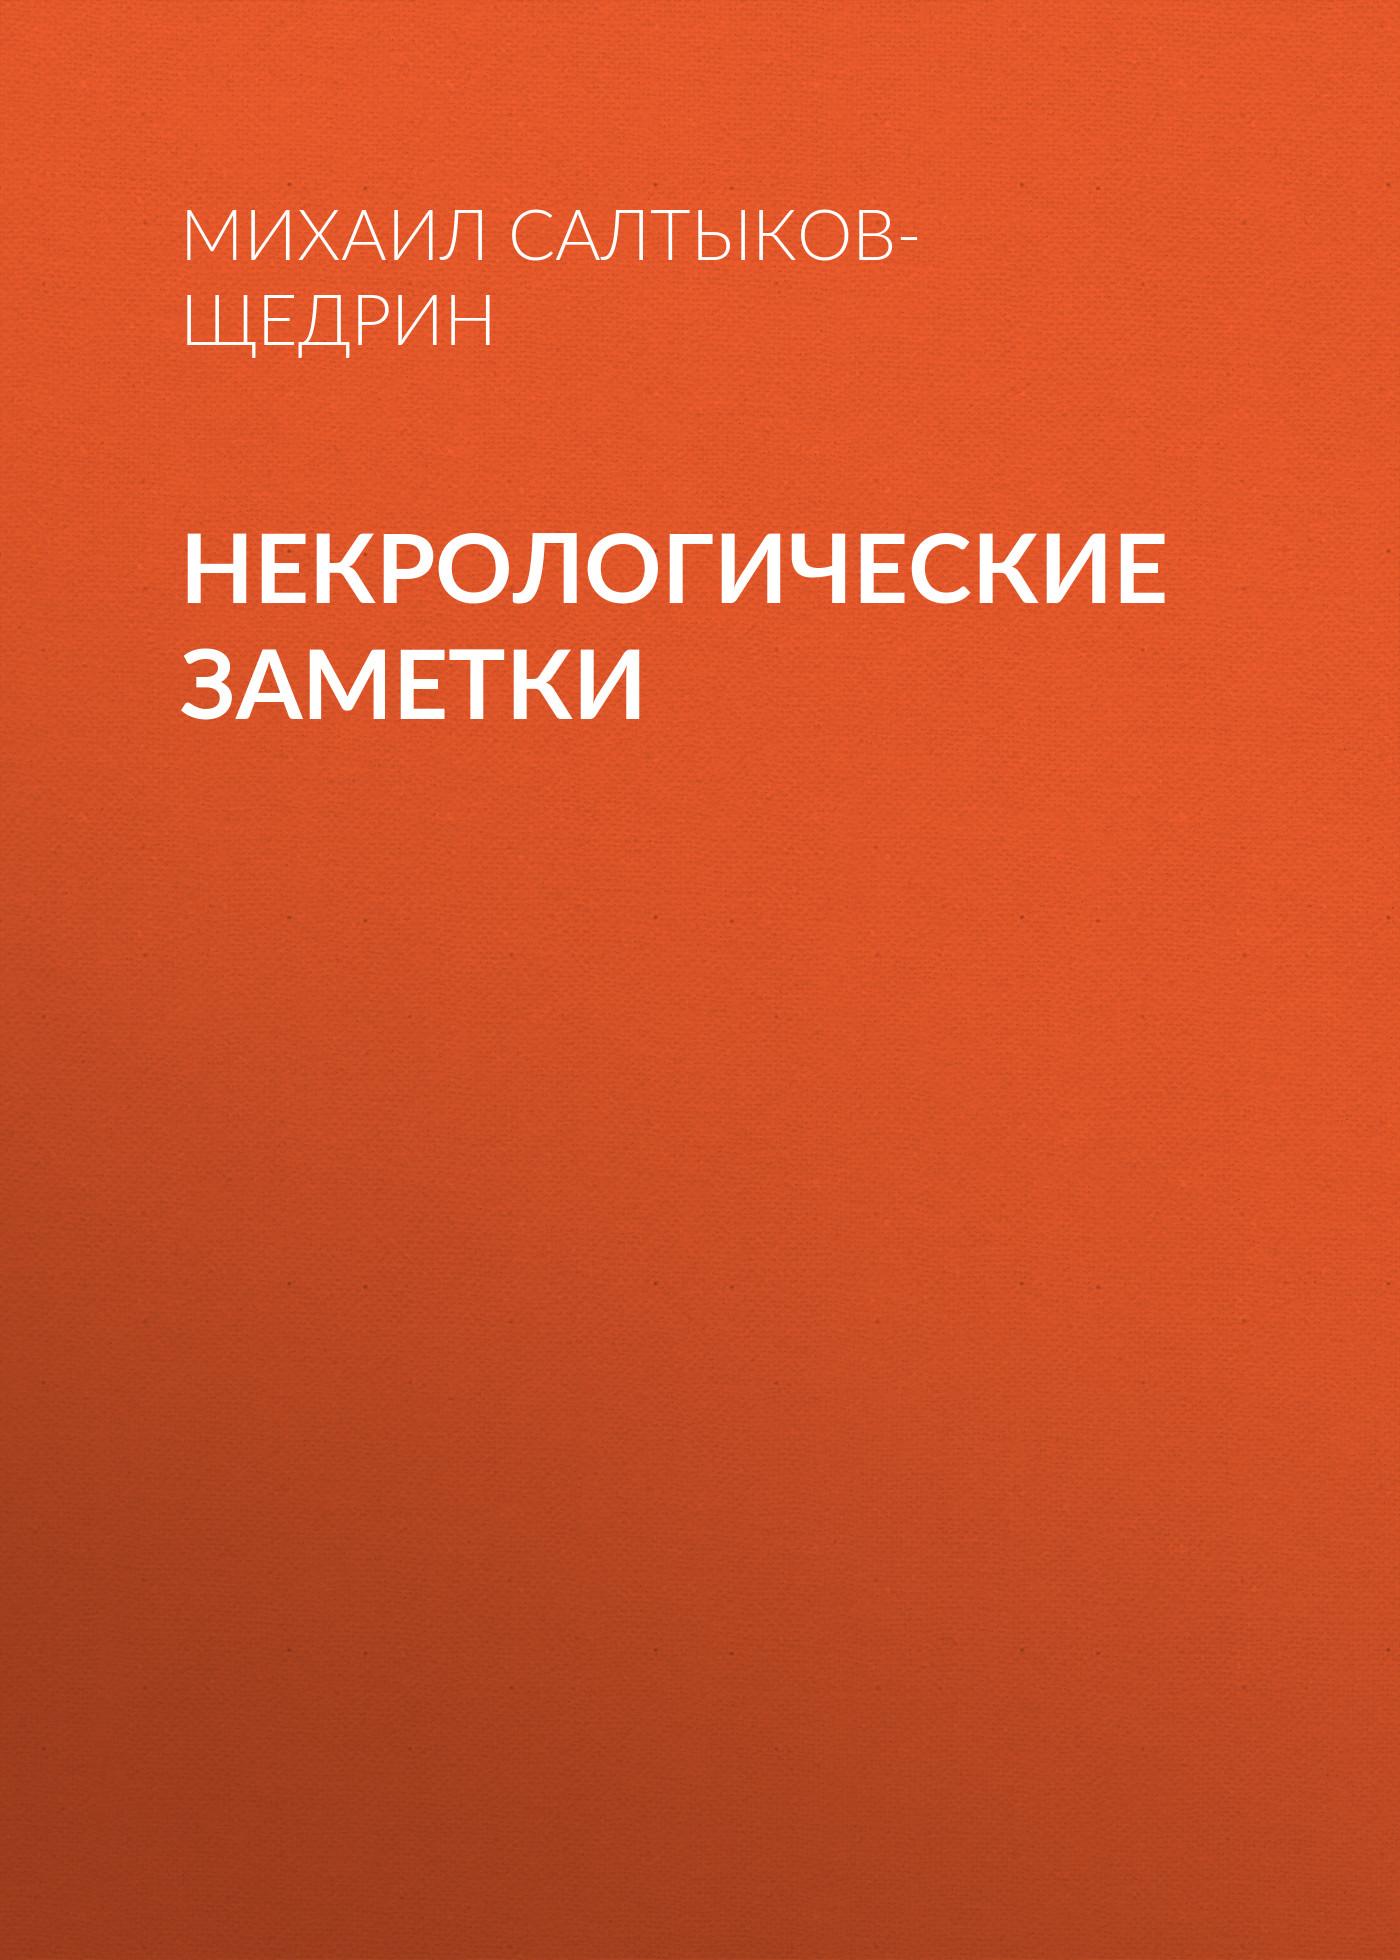 Купить книгу Некрологические заметки, автора Михаила Евграфовича Салтыкова-Щедрина